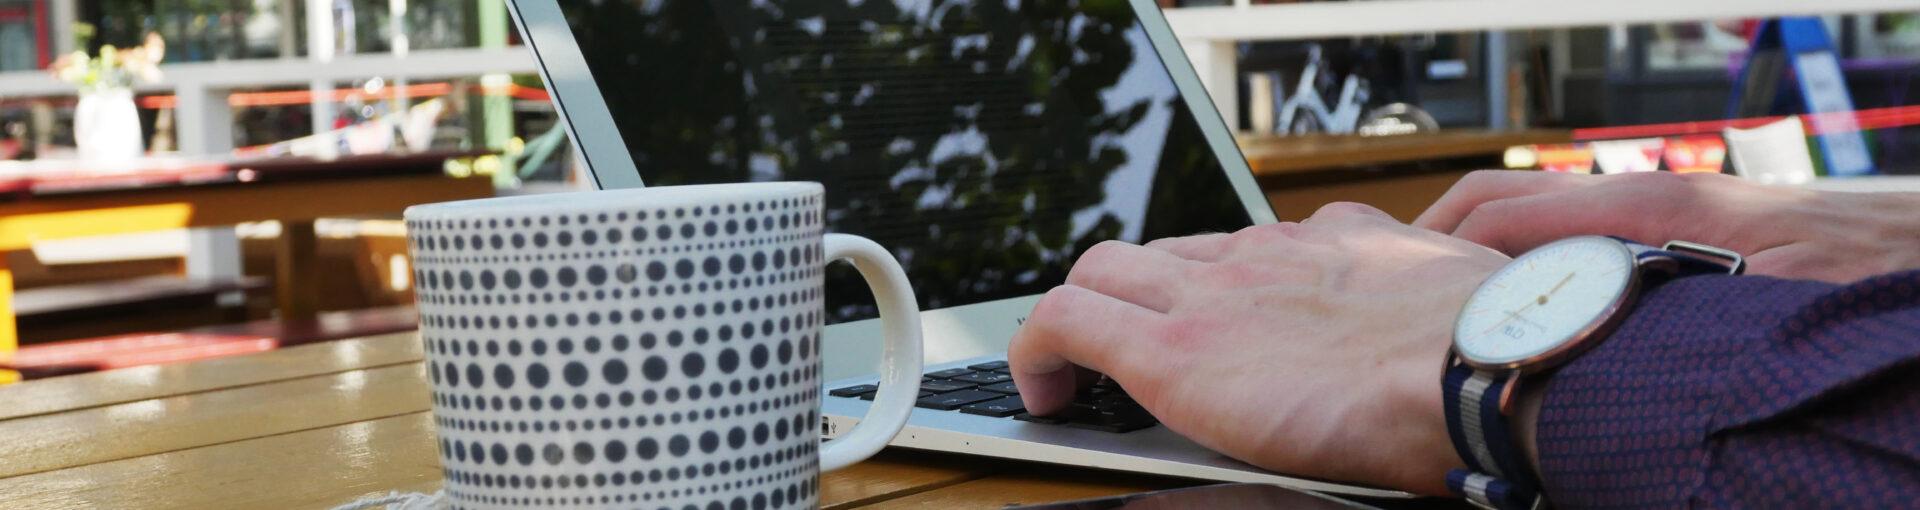 Henkilö tekee töitä kannettavalla tietokoneella